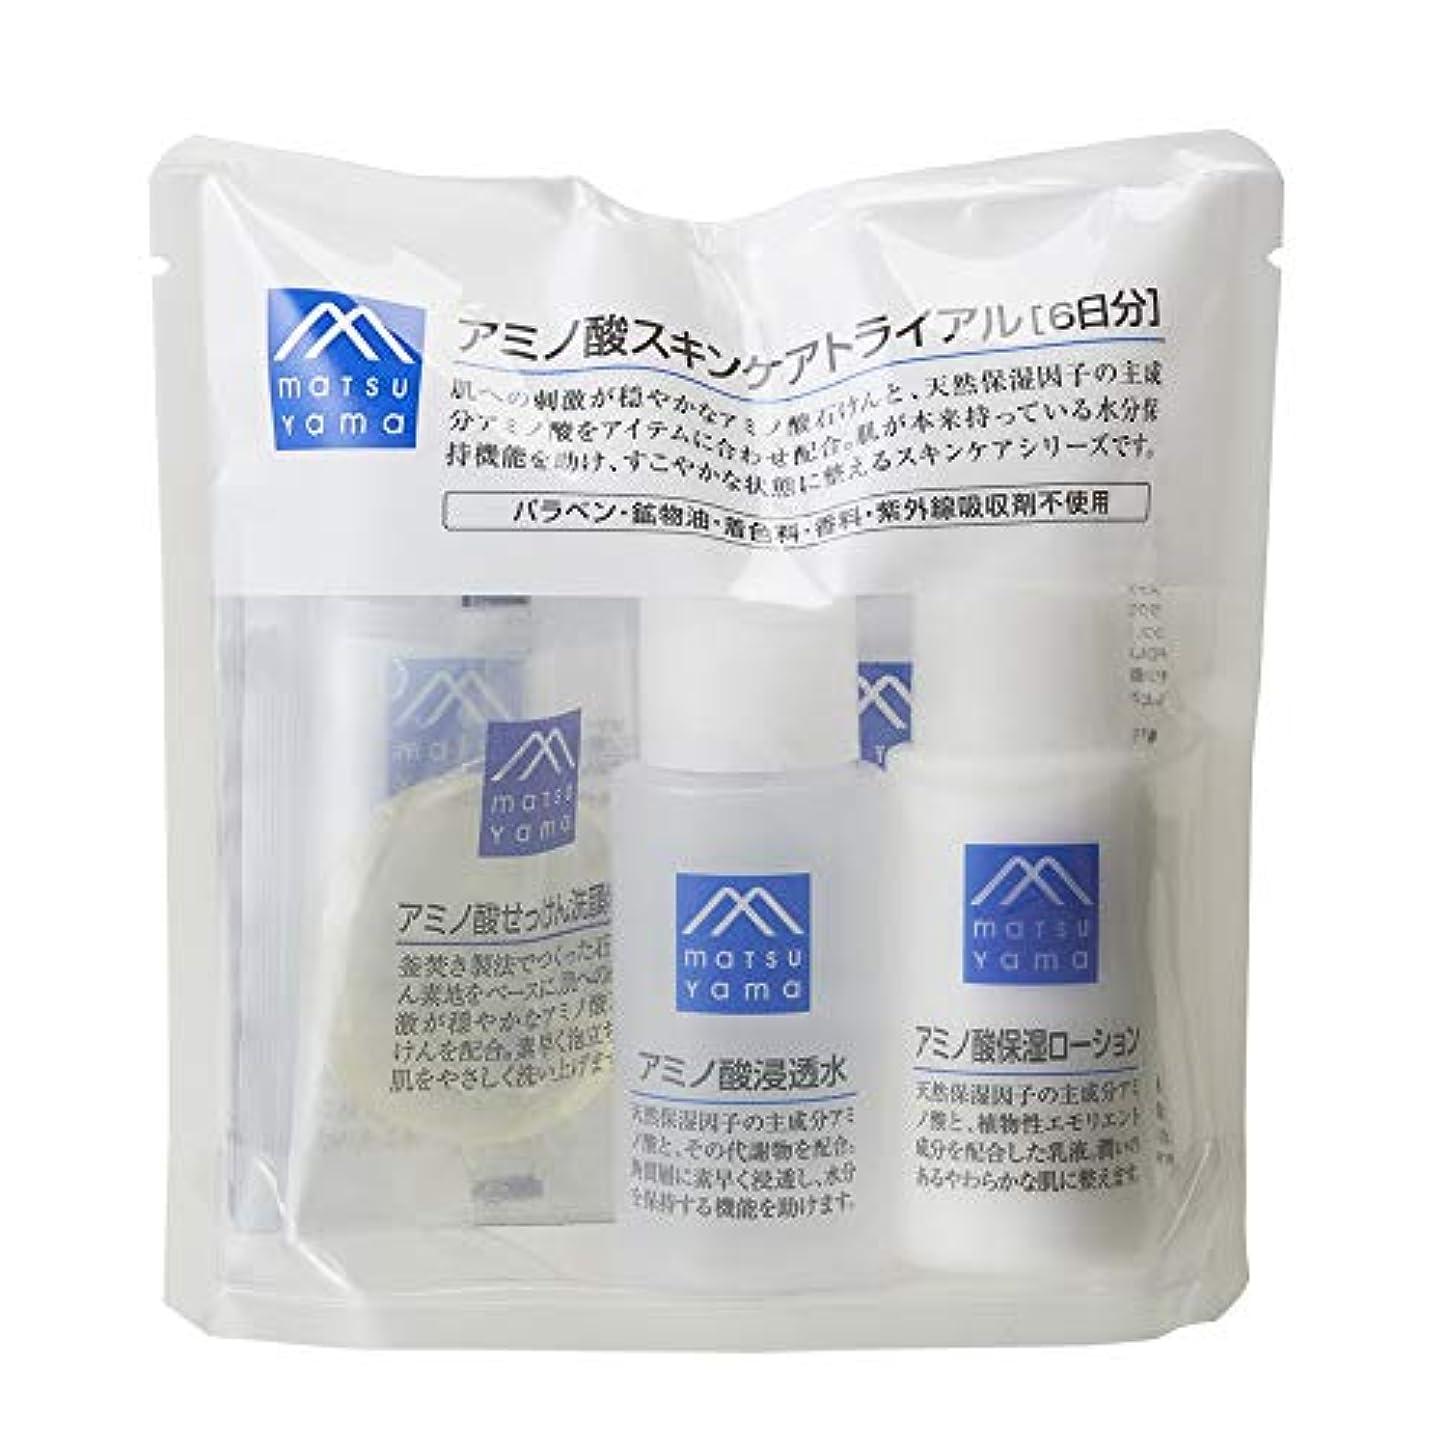 イデオロギー墓地ハーブMマーク(M-mark) アミノ酸スキンケアトライアル セット アミノ酸せっけん洗顔料(枠練り石けん)標準重量12g×1個/アミノ酸せっけん洗顔フォーム(洗顔フォーム)2g×2包/アミノ酸浸透水(化粧水)30mL×1本/アミノ酸浸透ジェル(保湿液)3mL×2包/アミノ酸保湿ローション(乳液)30mL×1本/アミノ酸日焼け止め乳液3mL×2包